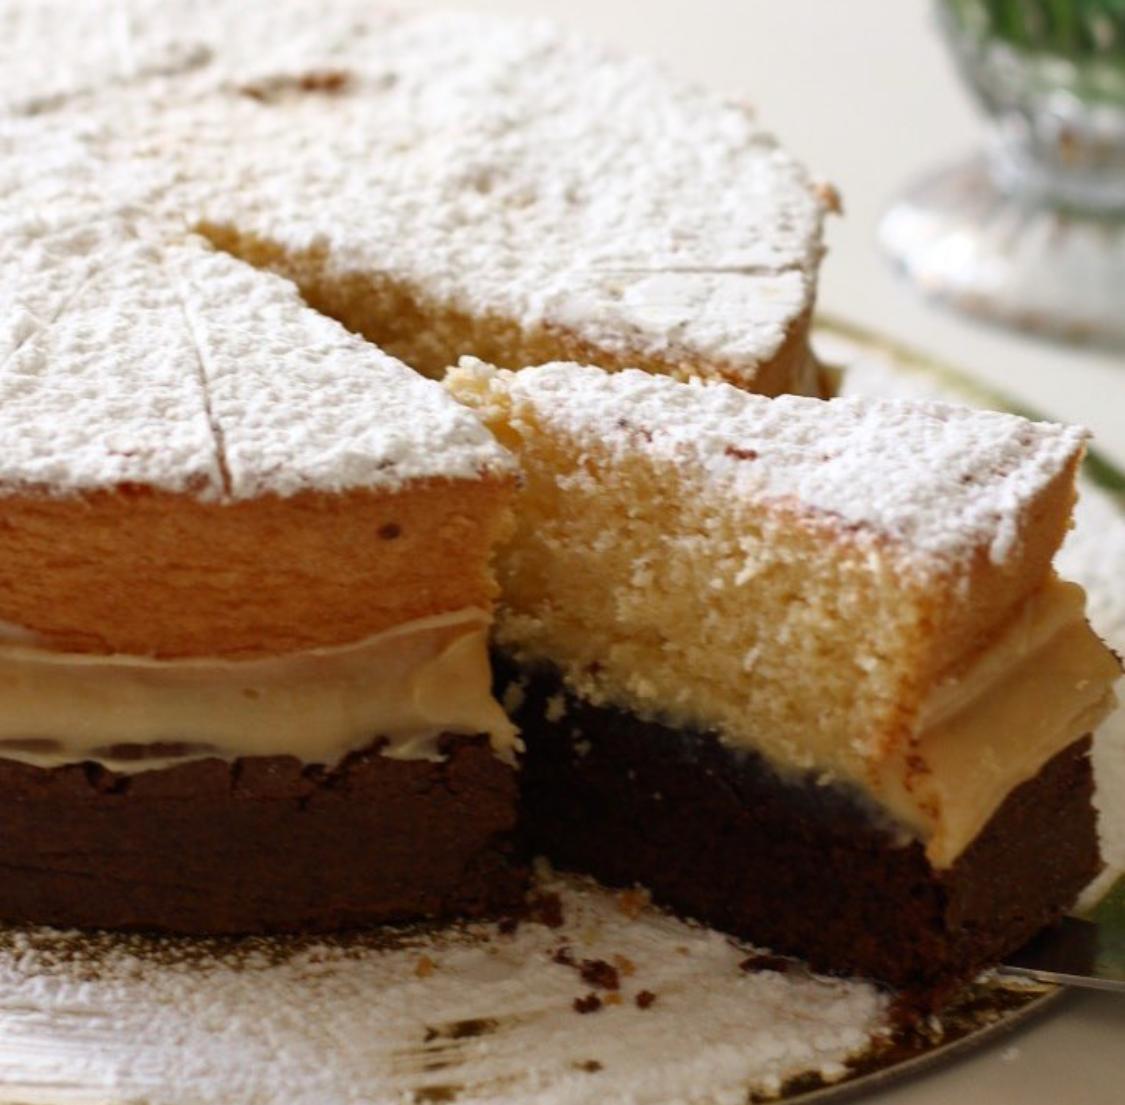 RELÂMPAGO: 1 Torta Duo ou Torta Bem Casado para até 15 pessoas a partir de R$120 por apenas R$75,60 na Doceville